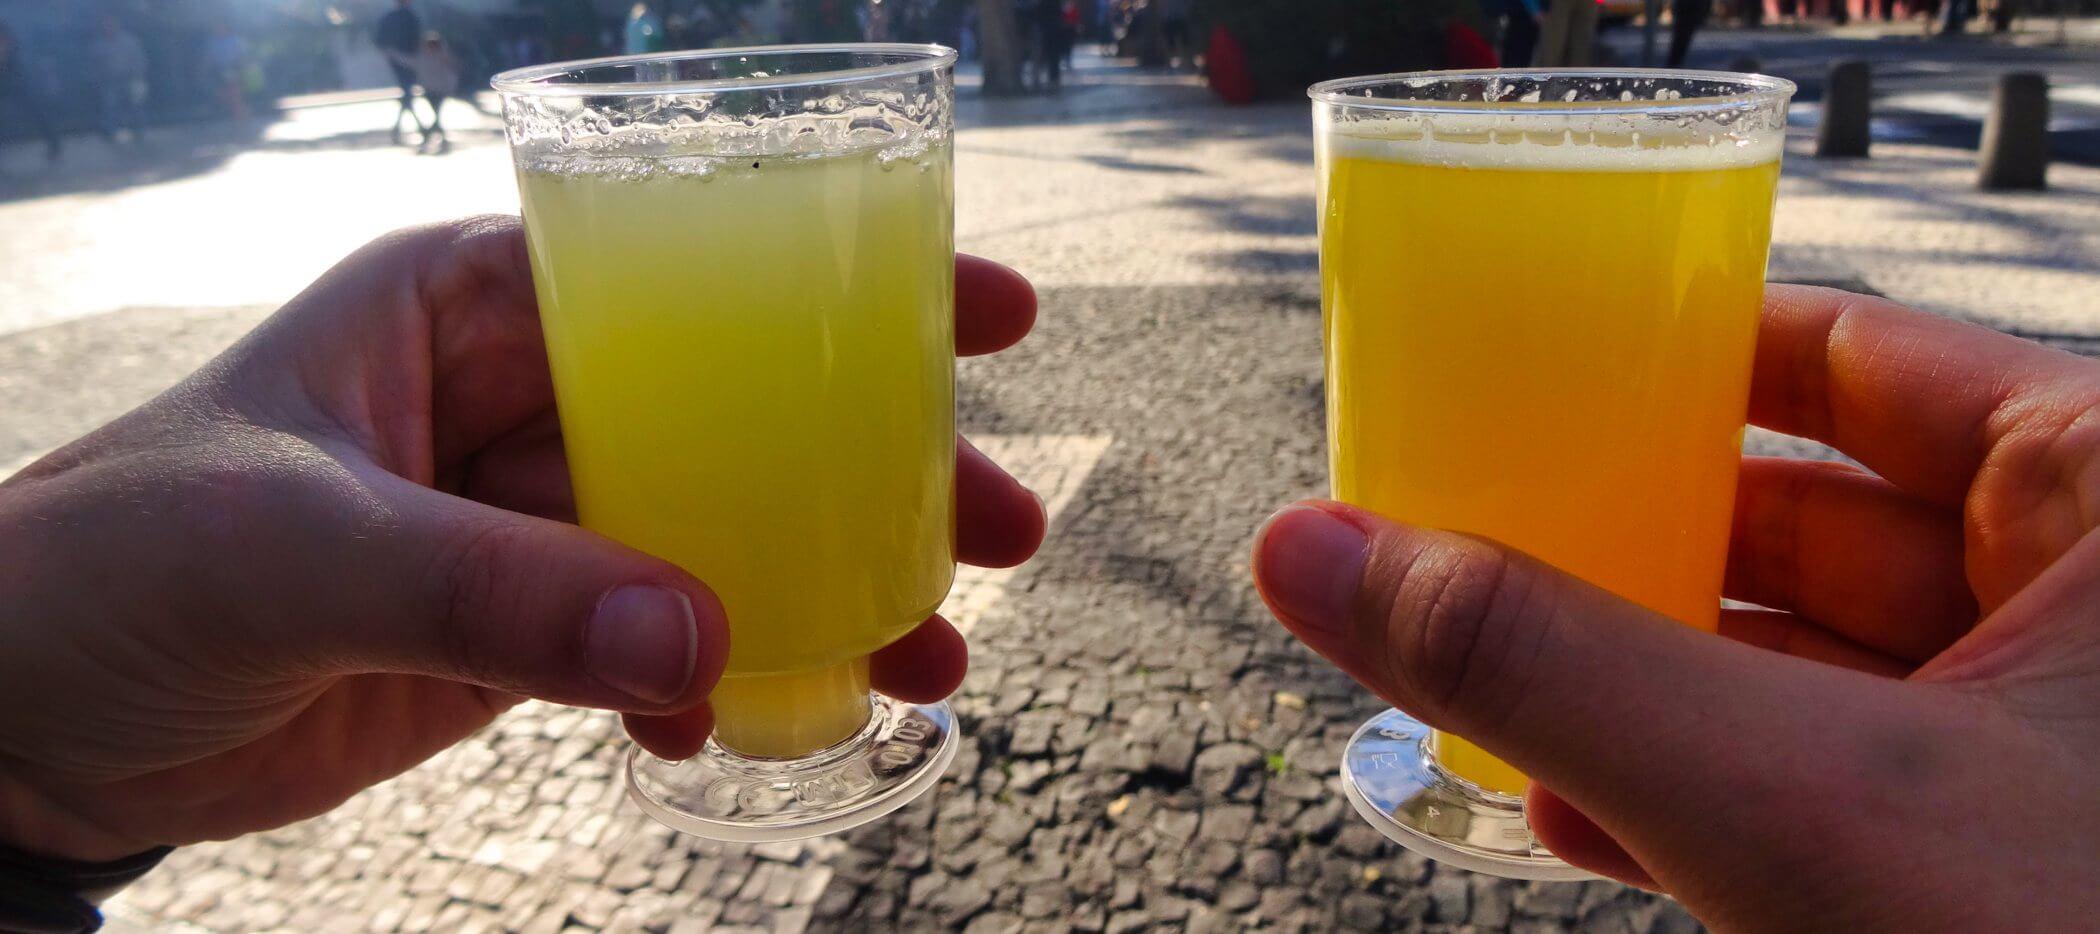 Hände halten Becher mit farbigen Getränken